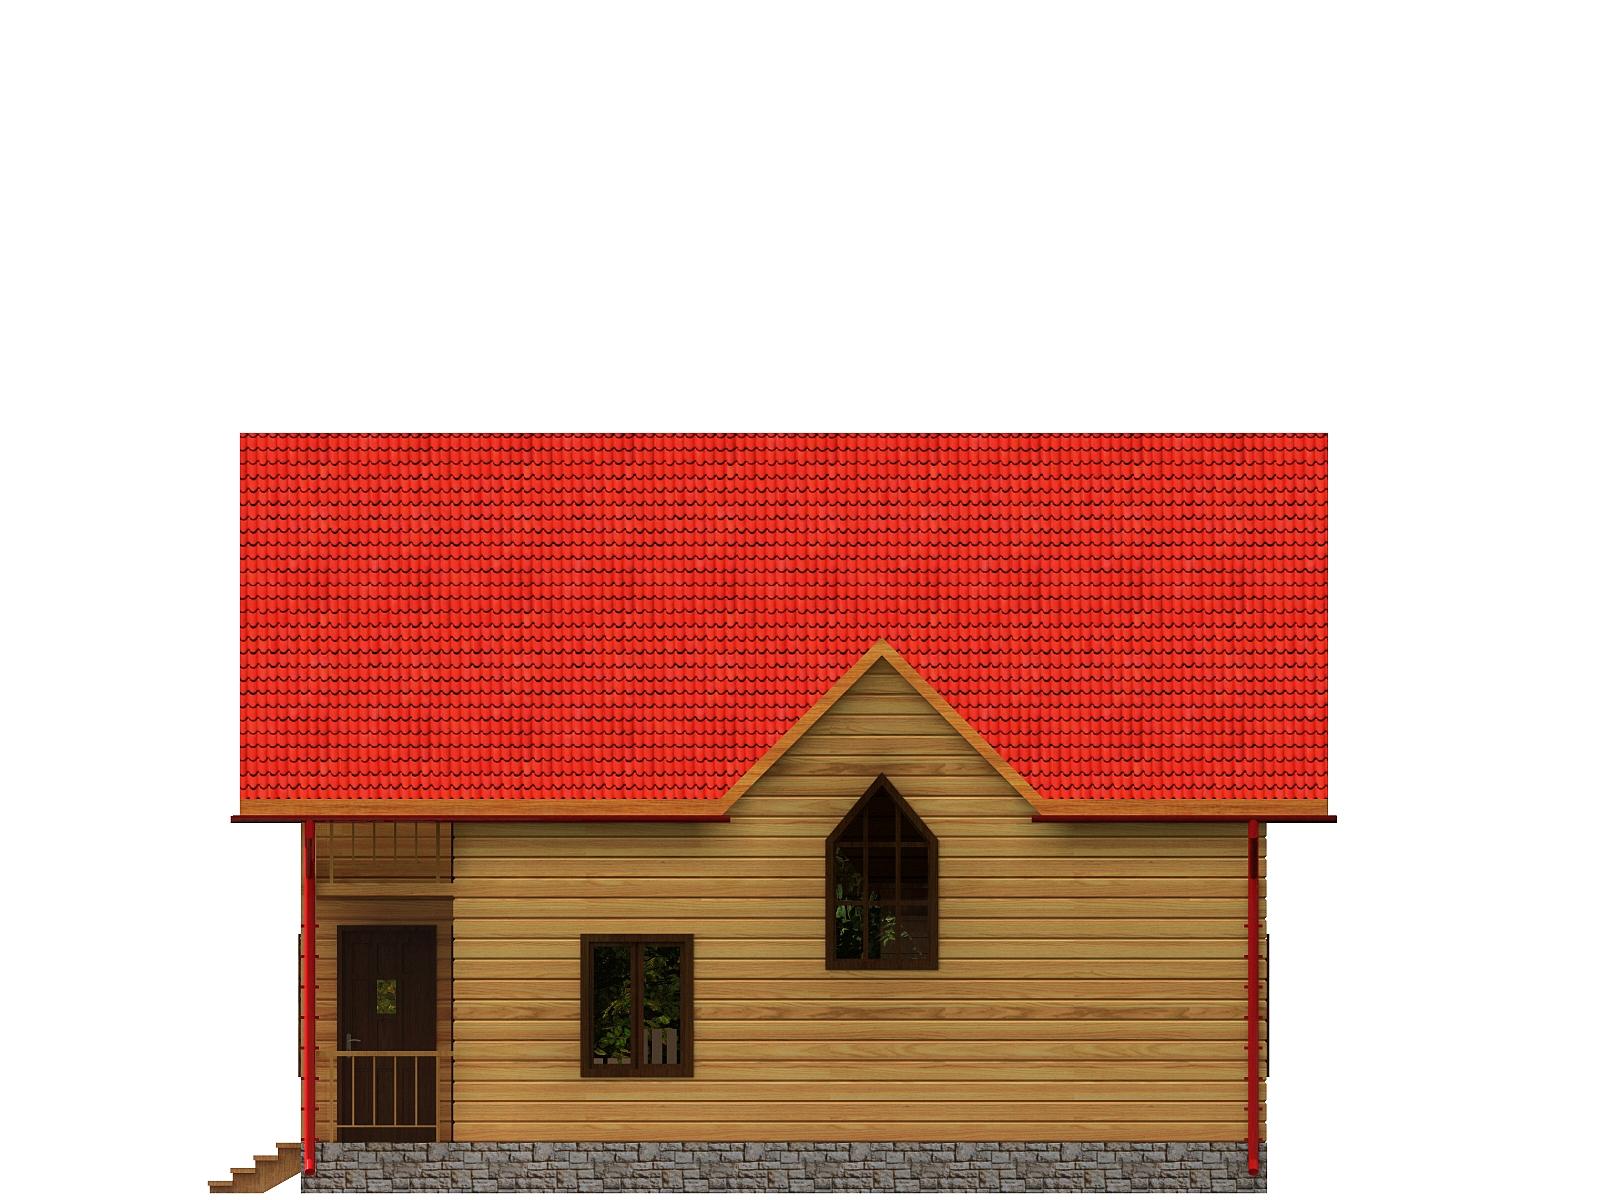 Проект дома из бруса 6х9,5 1,5 этажа с террасой и балконом. Разрез 3.